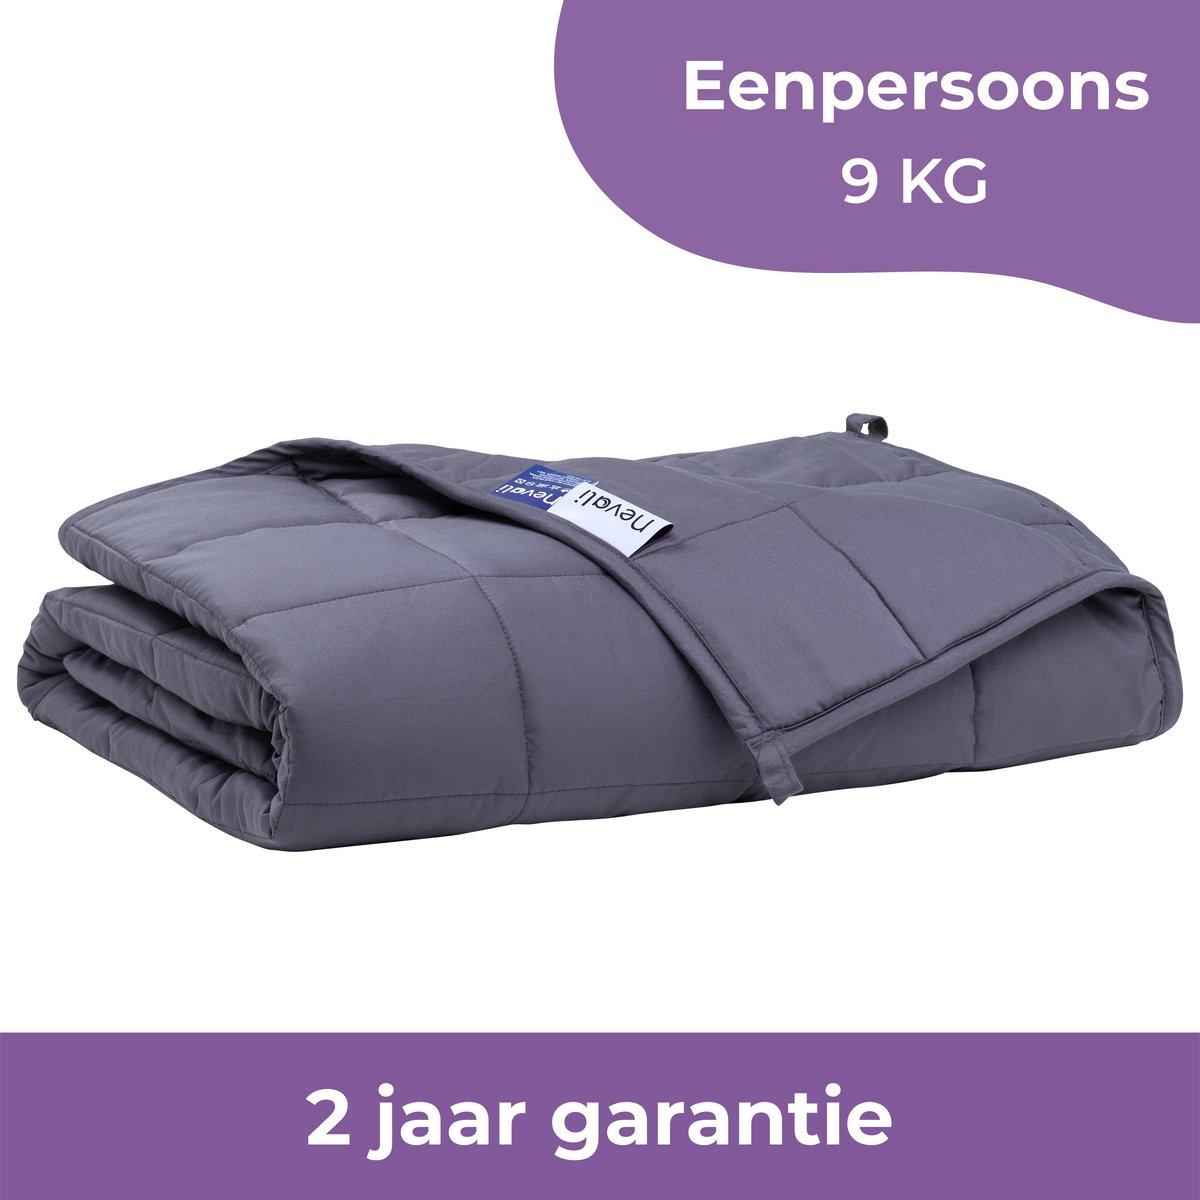 Nevali  Verzwaringsdeken 9 kg - Te gebruiken met je eigen dekbedovertrek - Verzwaarde Deken - Weight